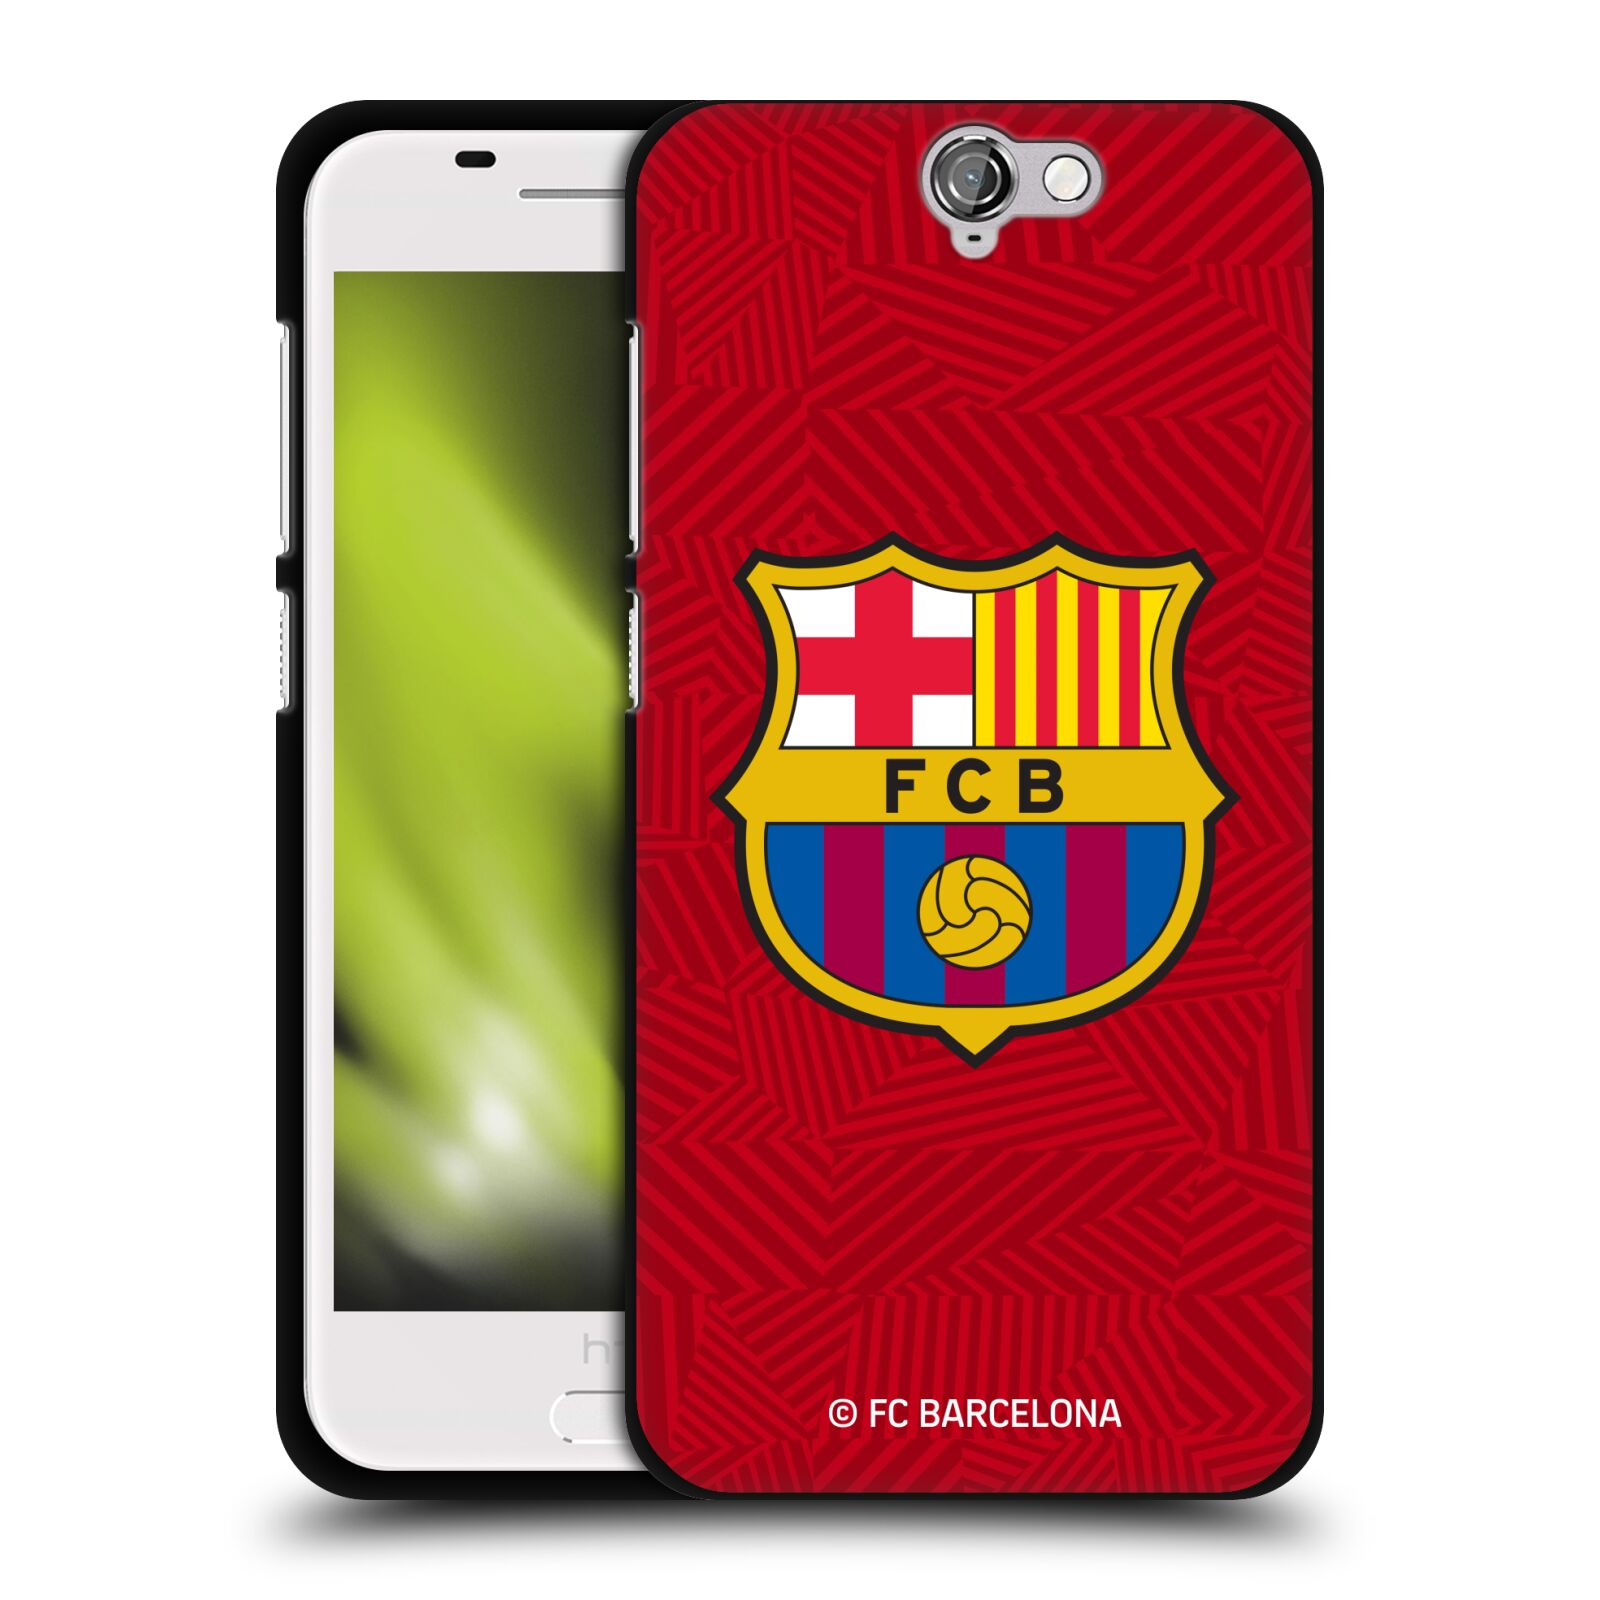 OFFICIAL-FC-BARCELONA-2017-18-CREST-BLACK-SOFT-GEL-CASE-FOR-HTC-PHONES